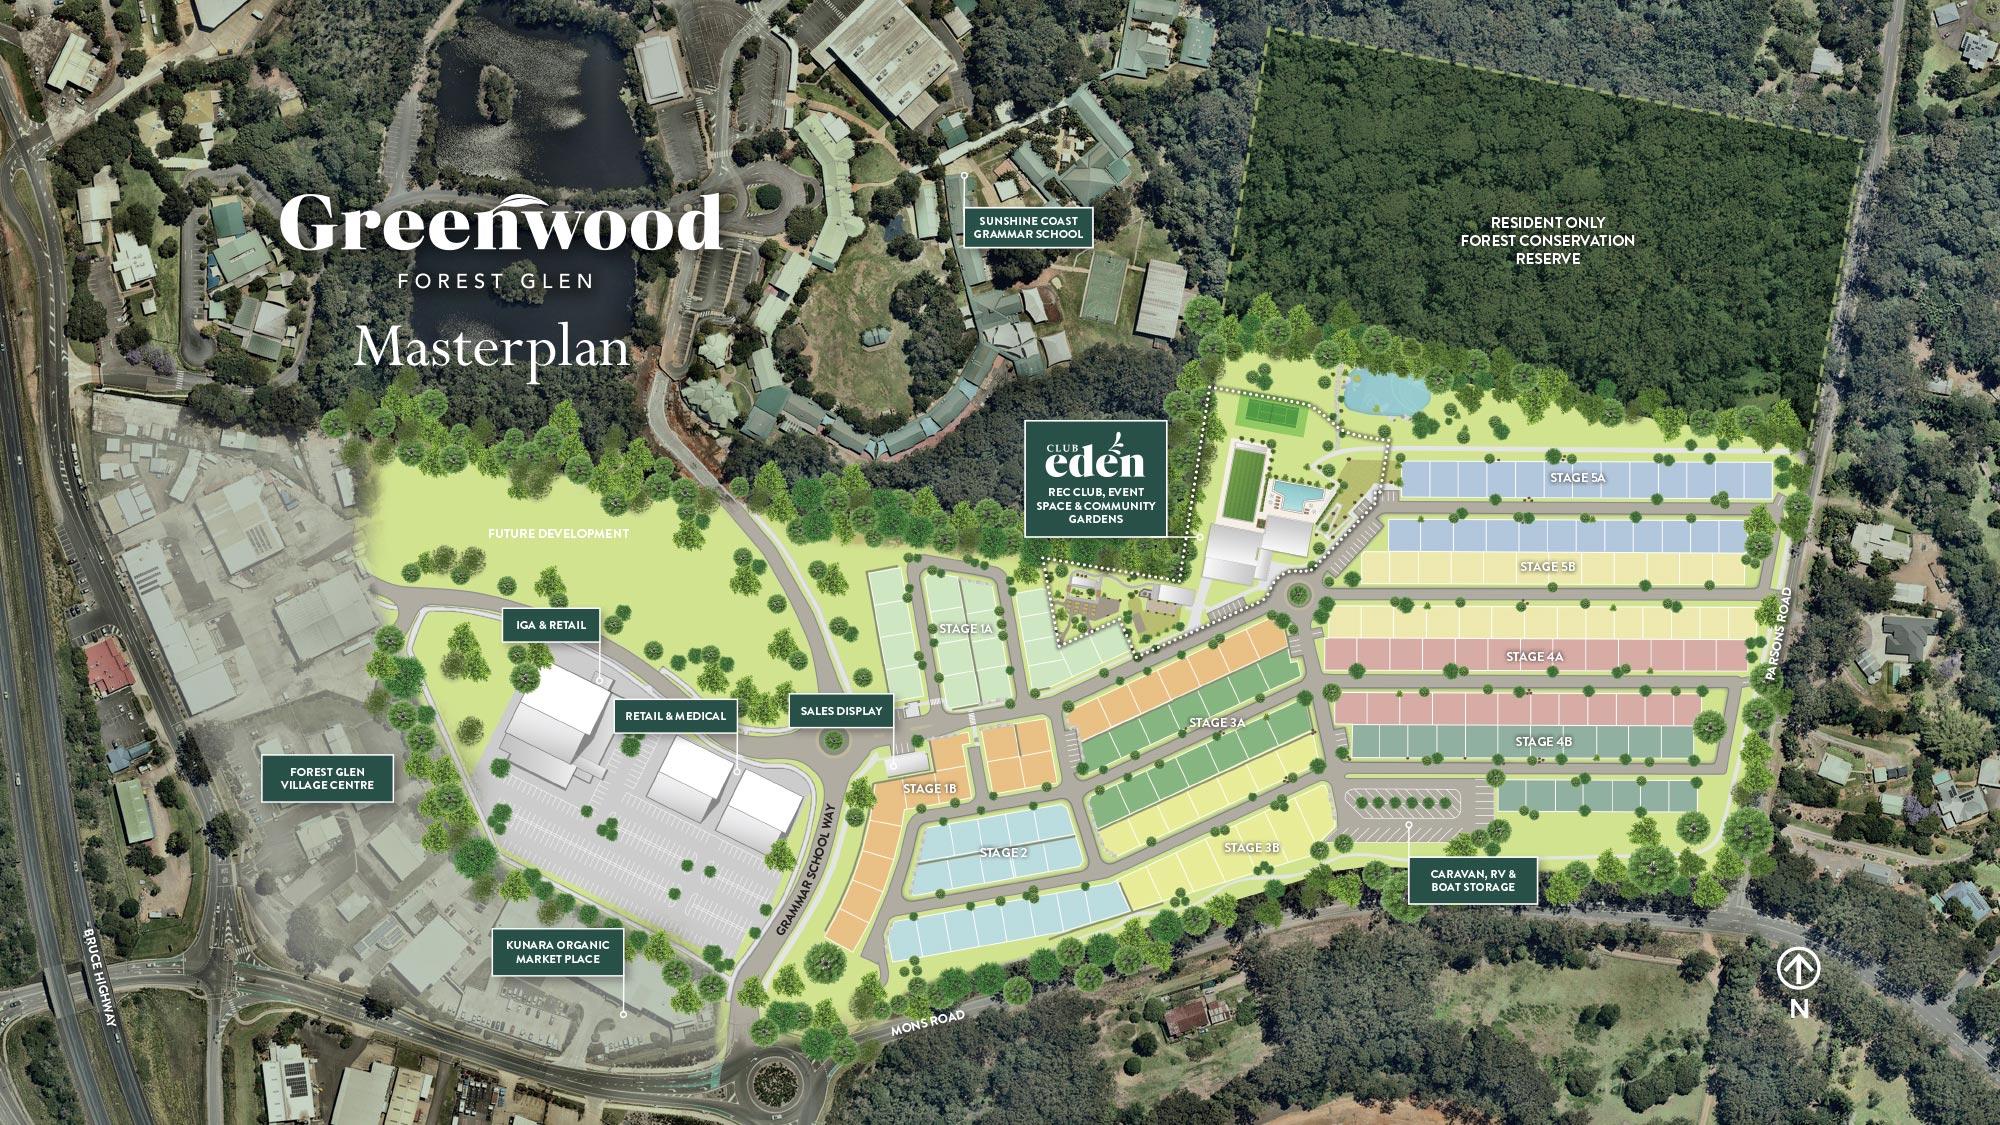 Greenwood Master Plan